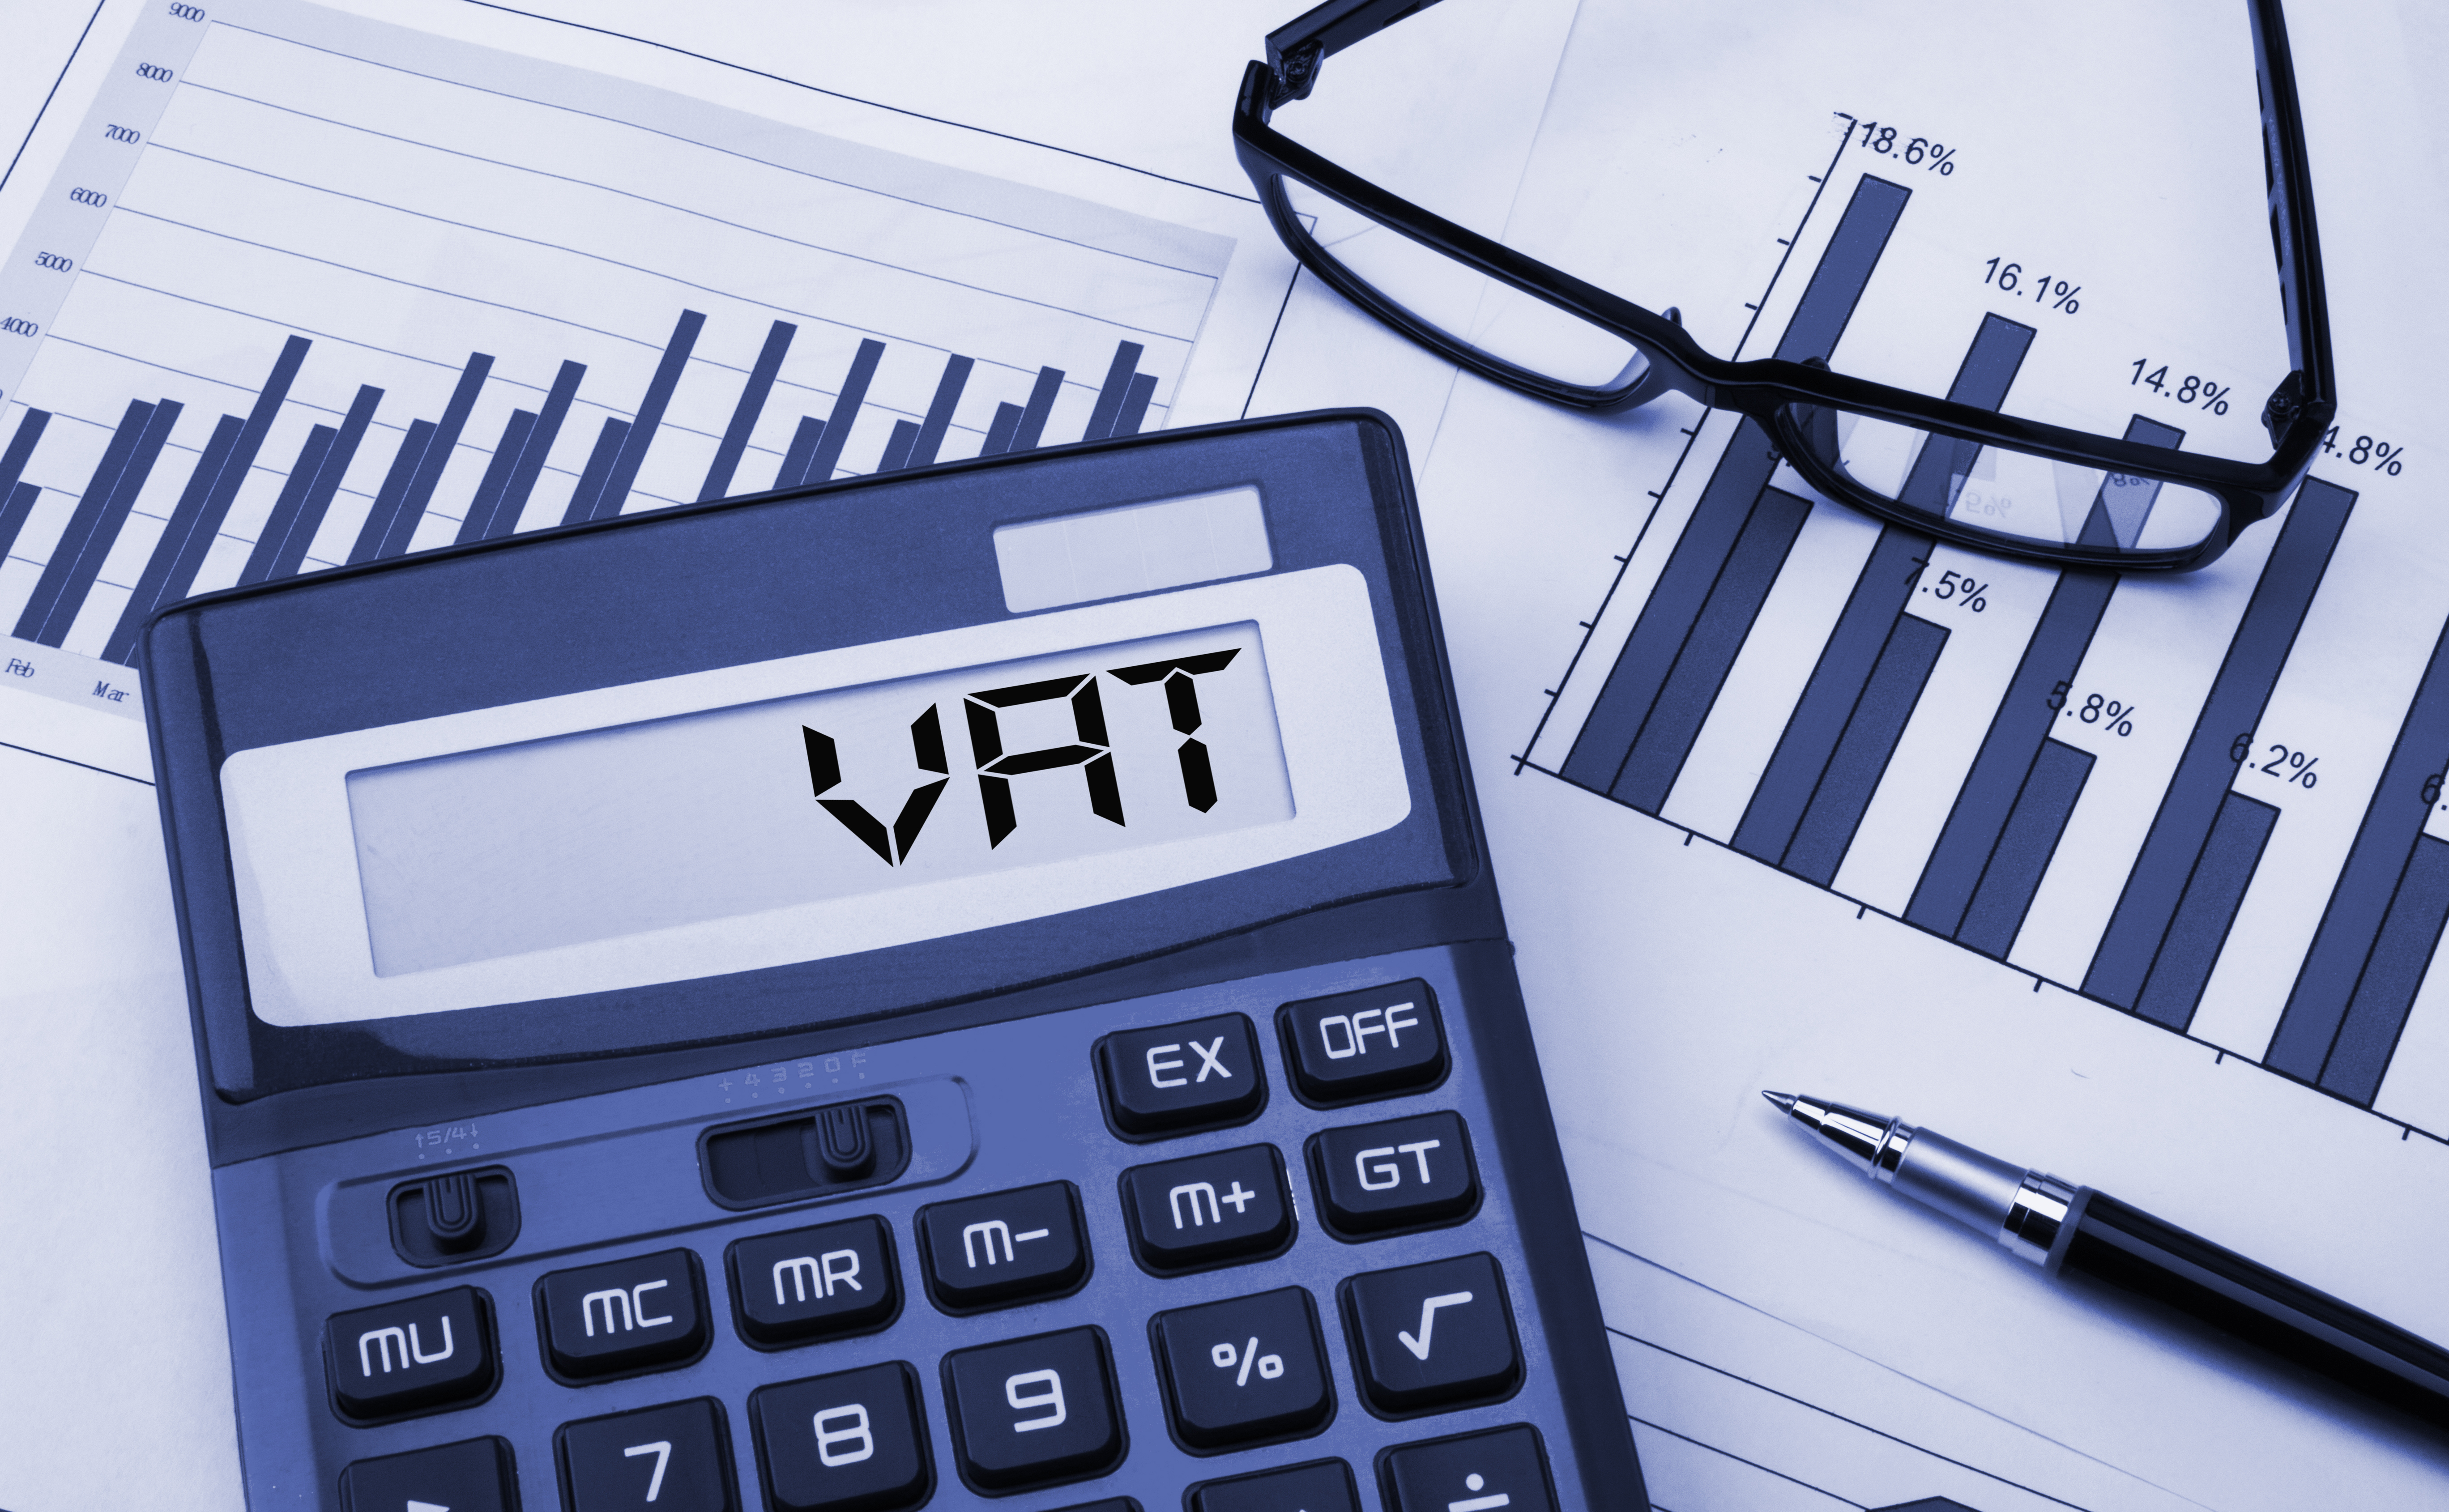 IVA: asegurar el futuro financiero del CCG